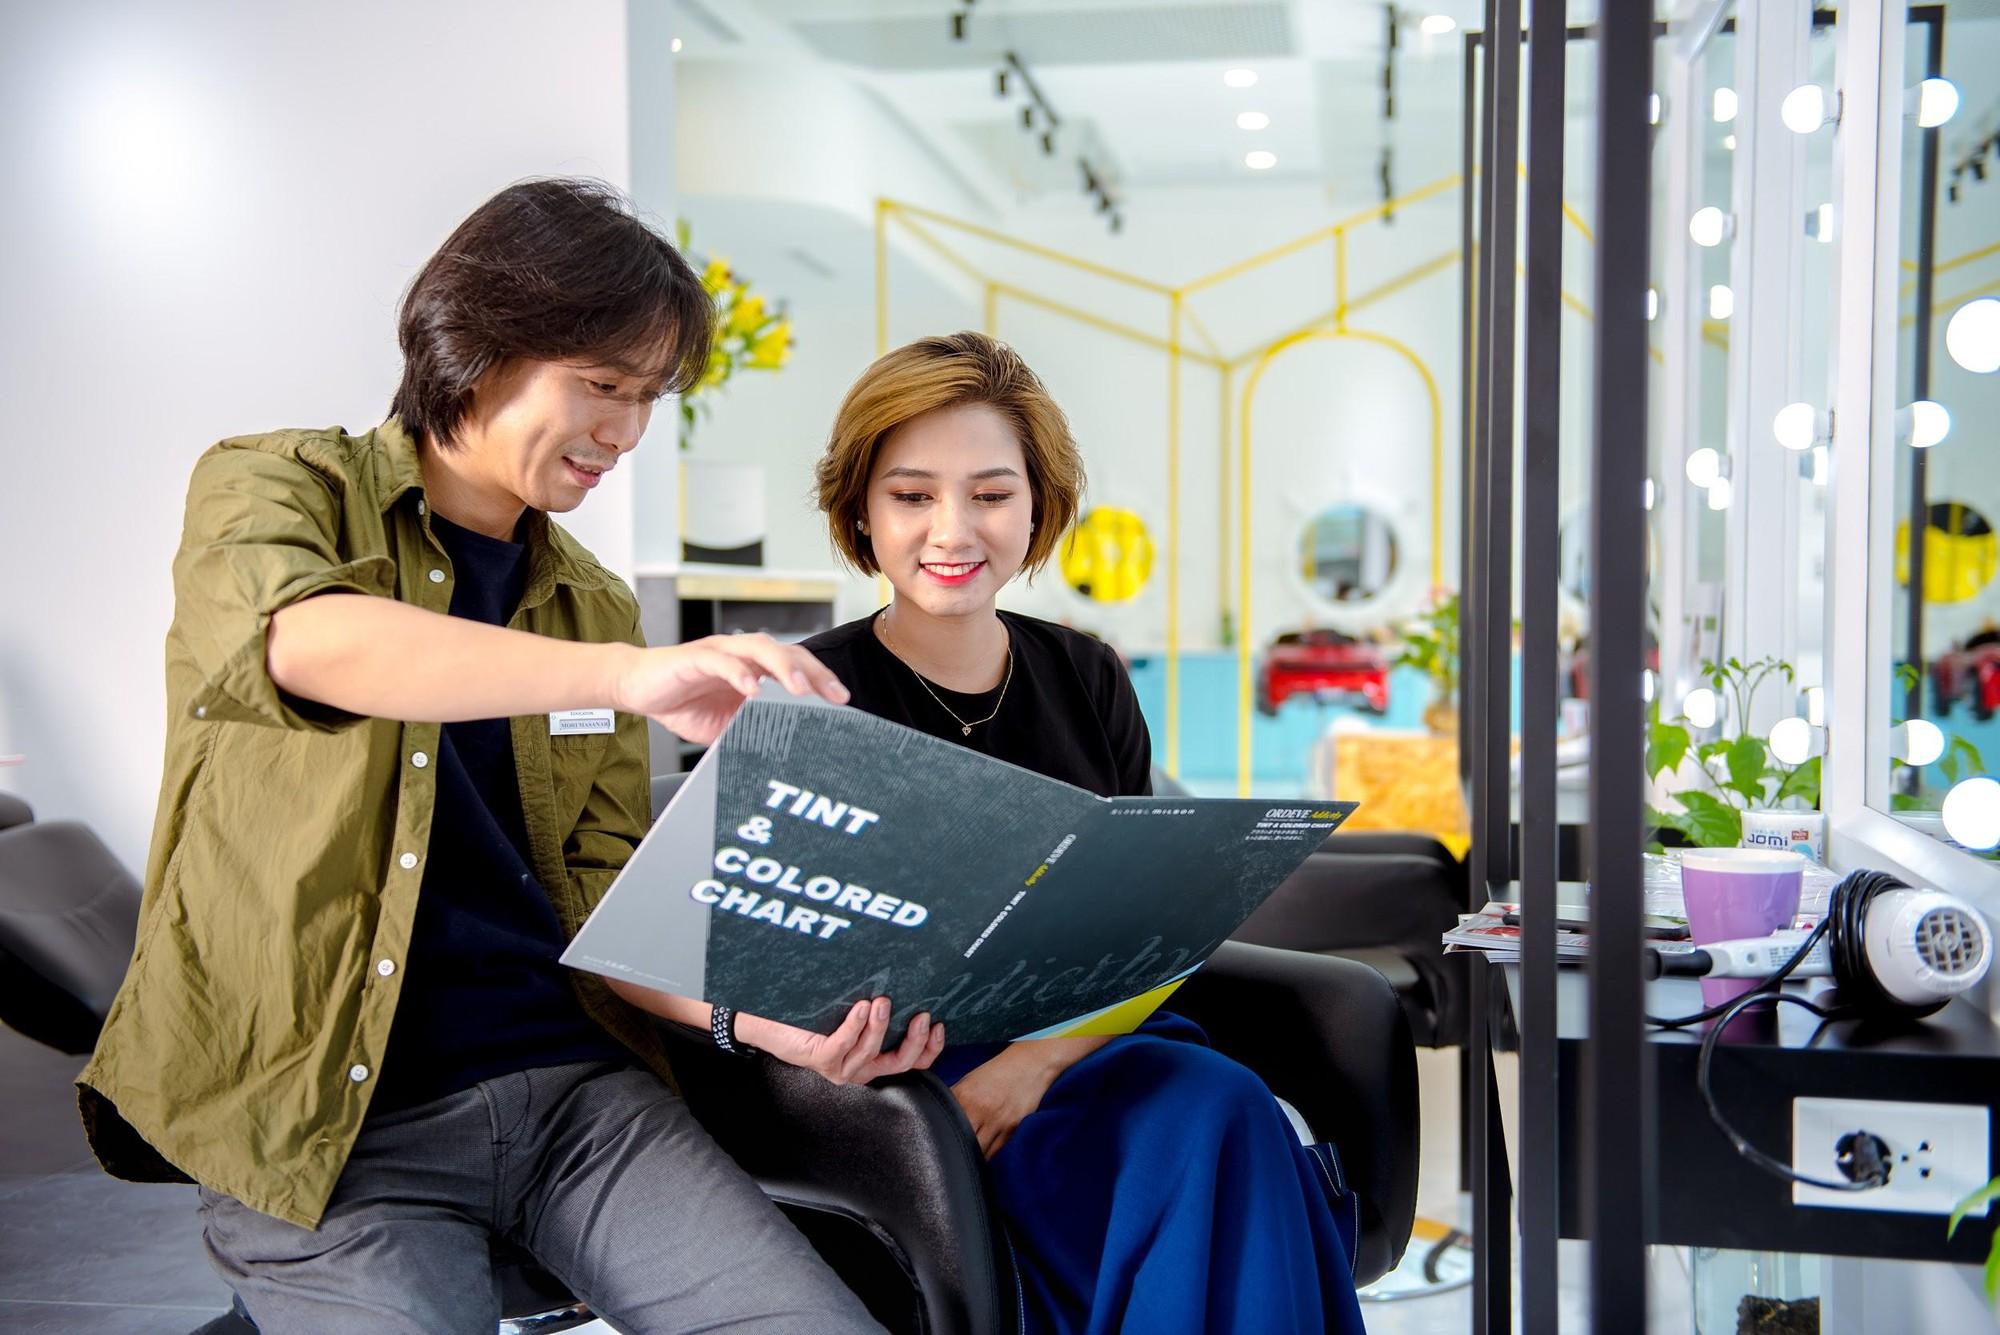 Zusso Hair Salon hút giới trẻ sành điệu Hà thành - Ảnh 5.